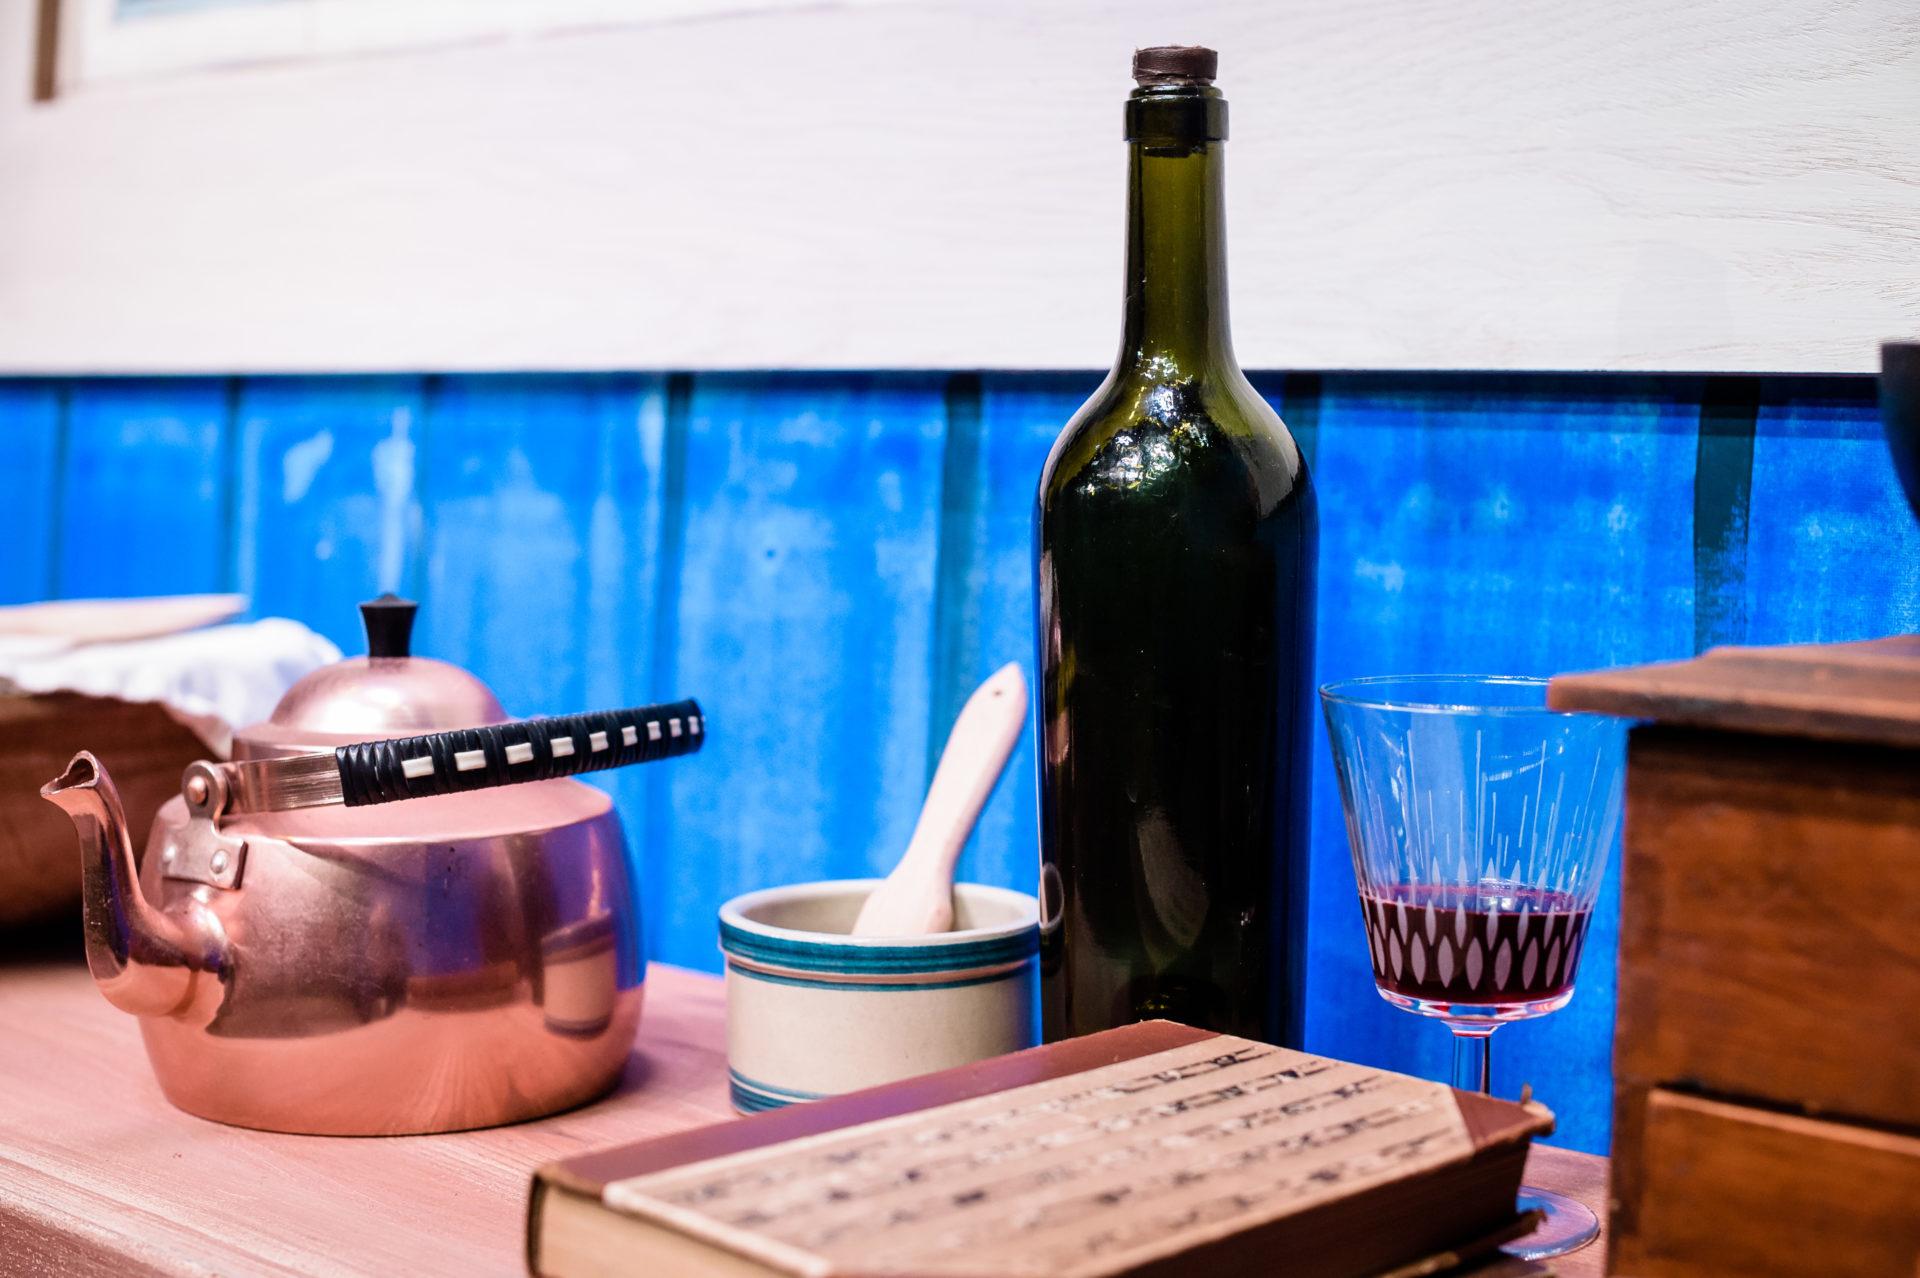 Bilde av kjøkken ting